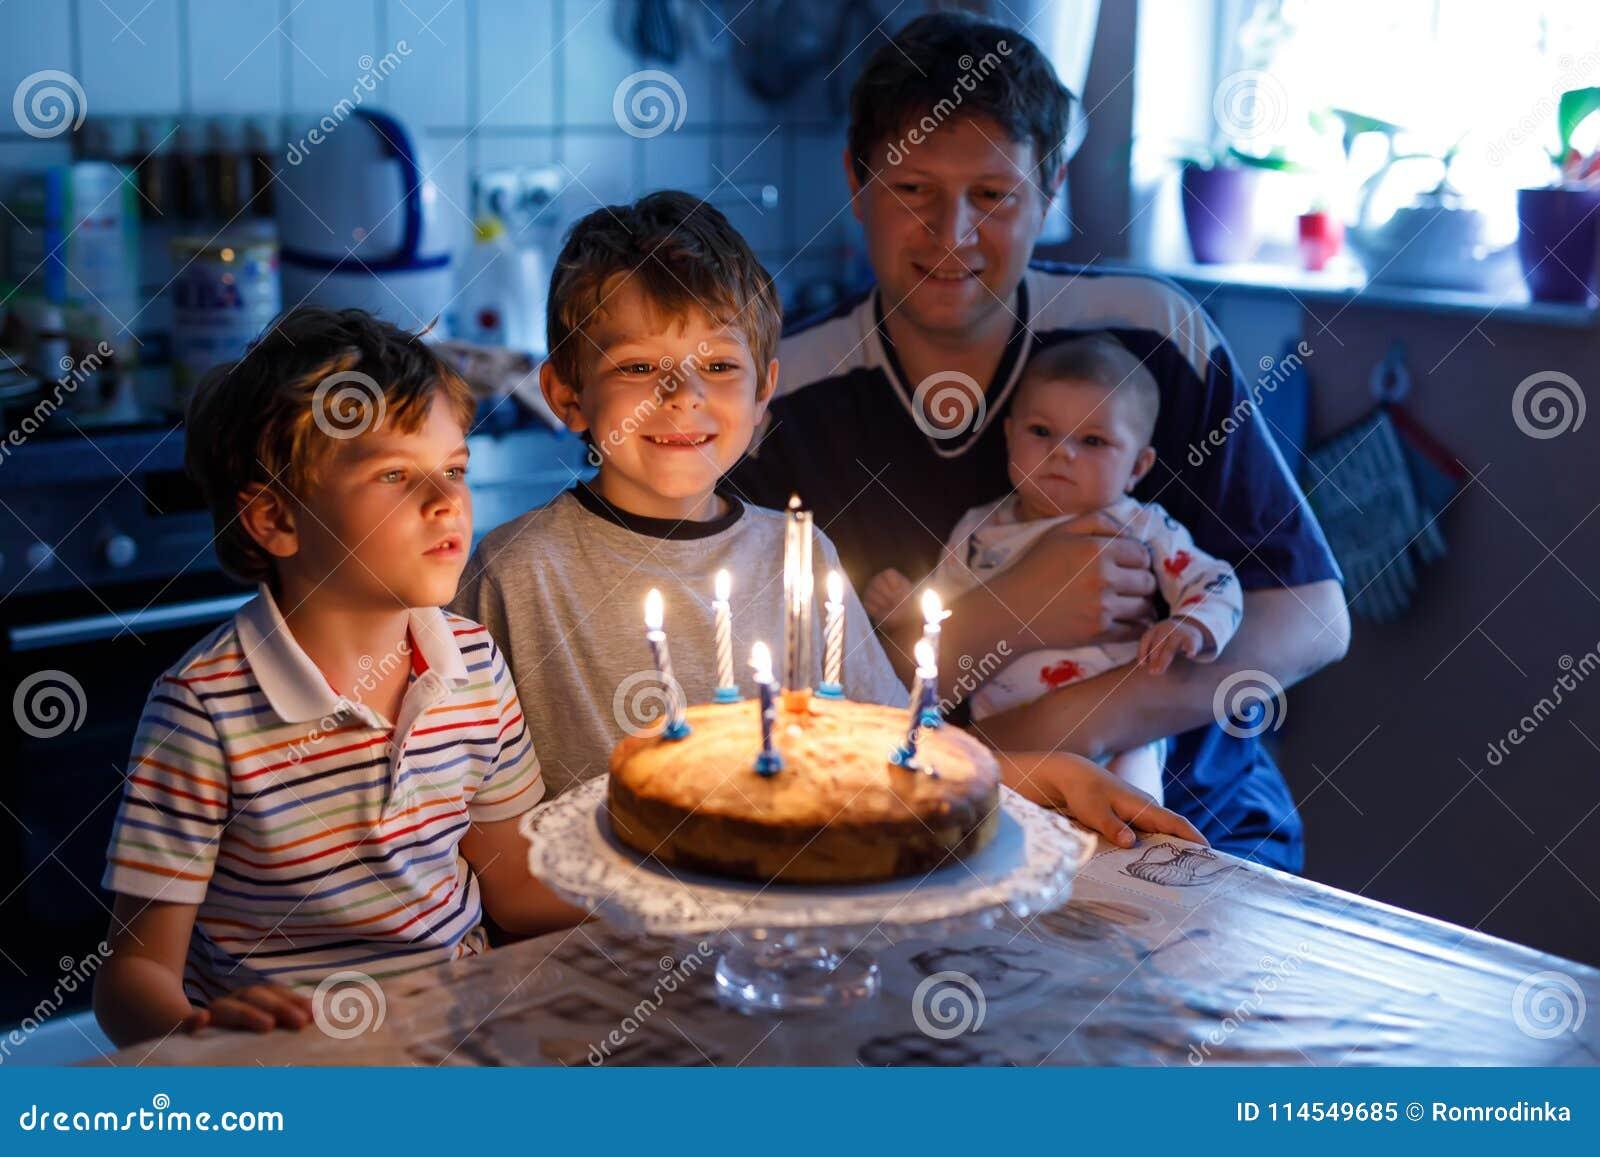 小孩男孩和庆祝生日的家庭、父亲、兄弟和小姐妹